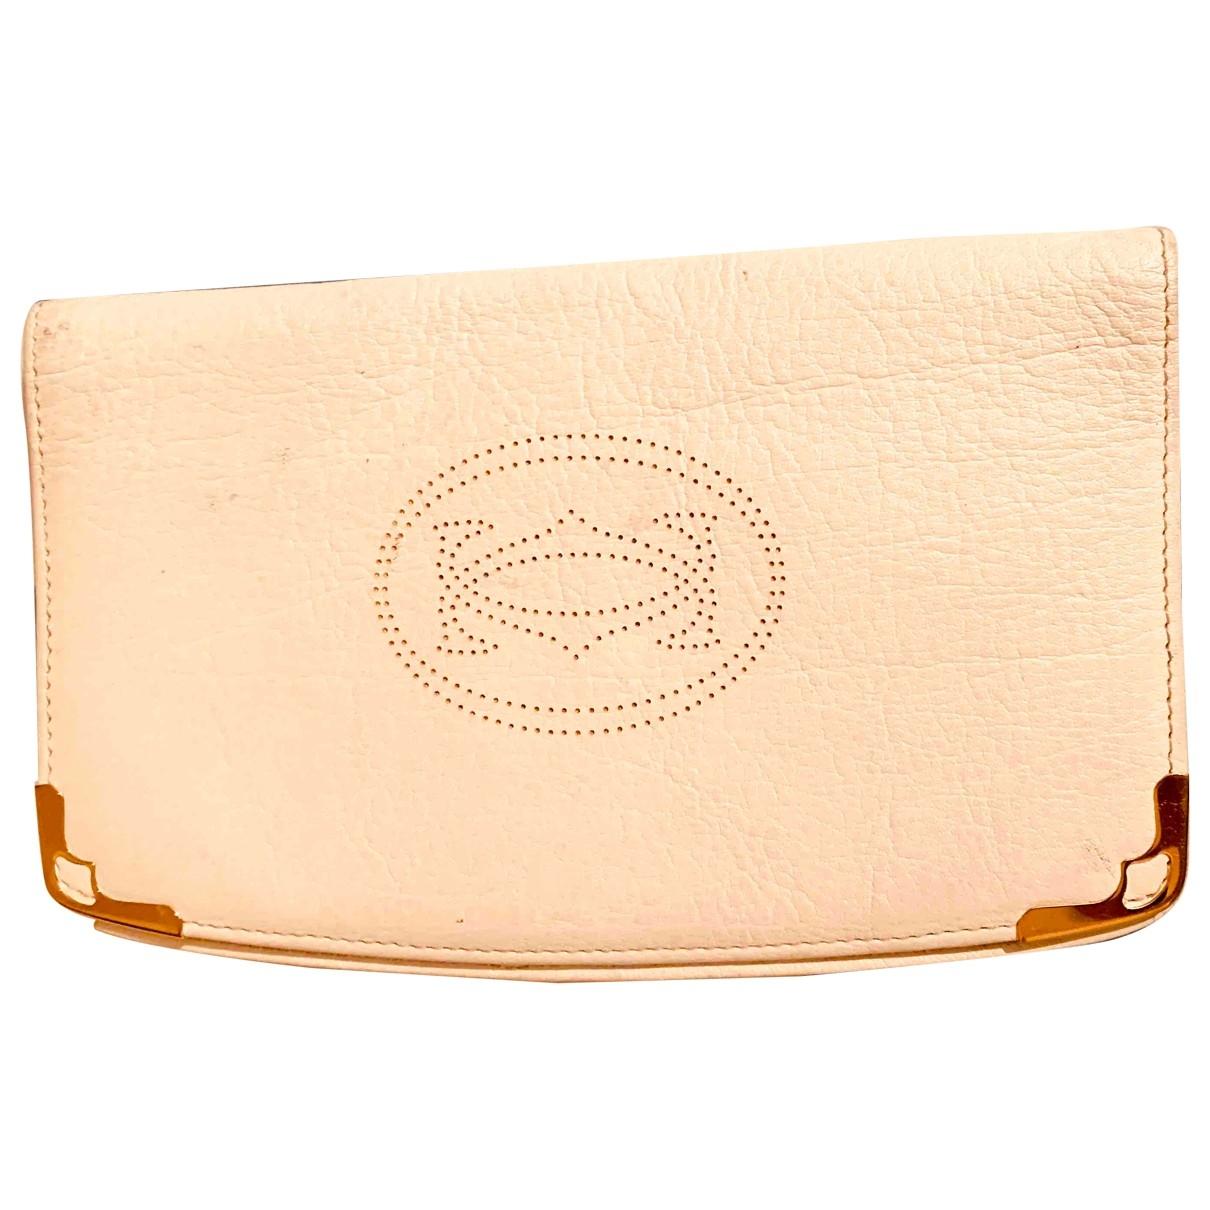 Cartier - Portefeuille   pour femme en cuir - beige